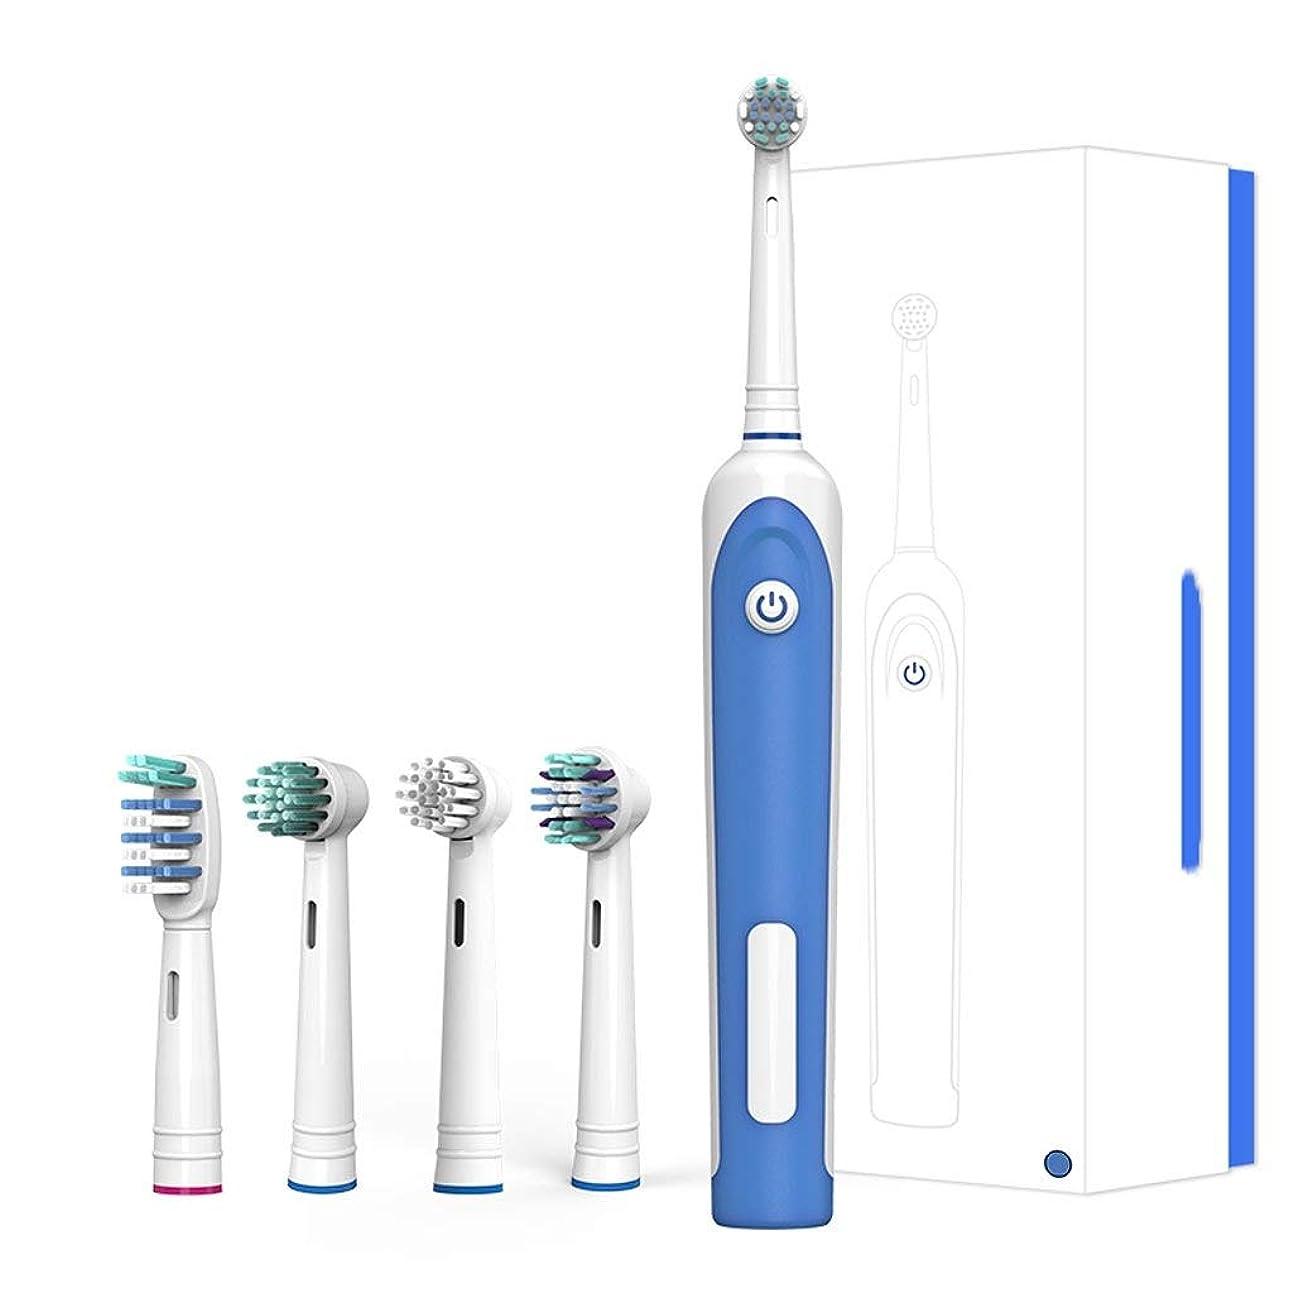 好きである便利さ雇う回転式電動歯ブラシ大人の再充電可能な動力を与えられた歯ブラシ2分の歯医者のようなきれいな歯スマートな防水完全に洗濯できる